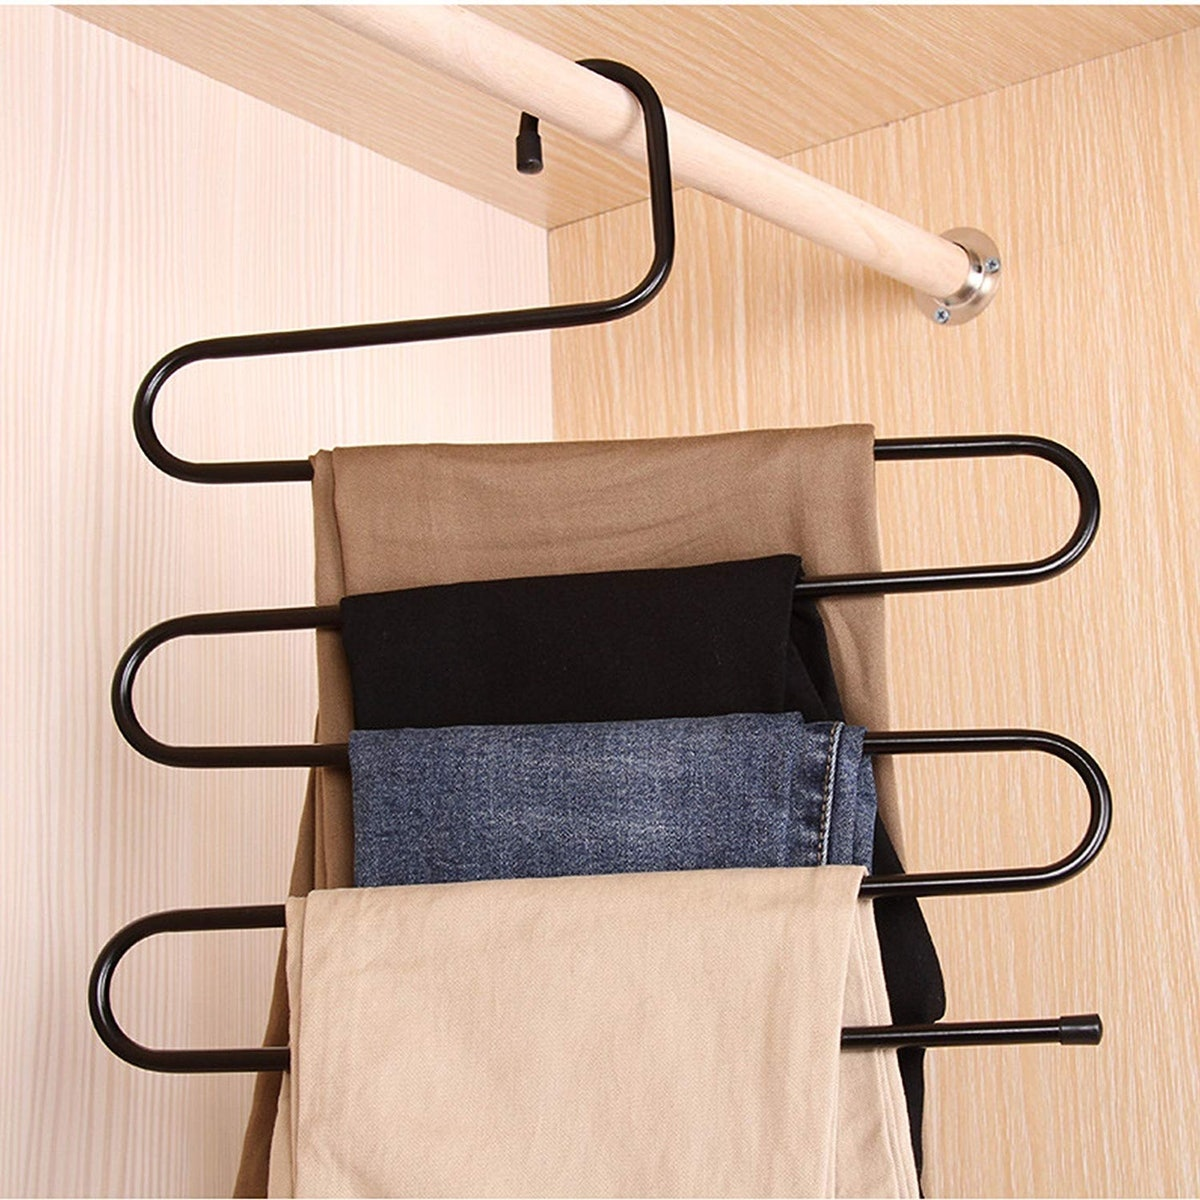 Deveasanter Multi-Layer Hanger (4-Pack)